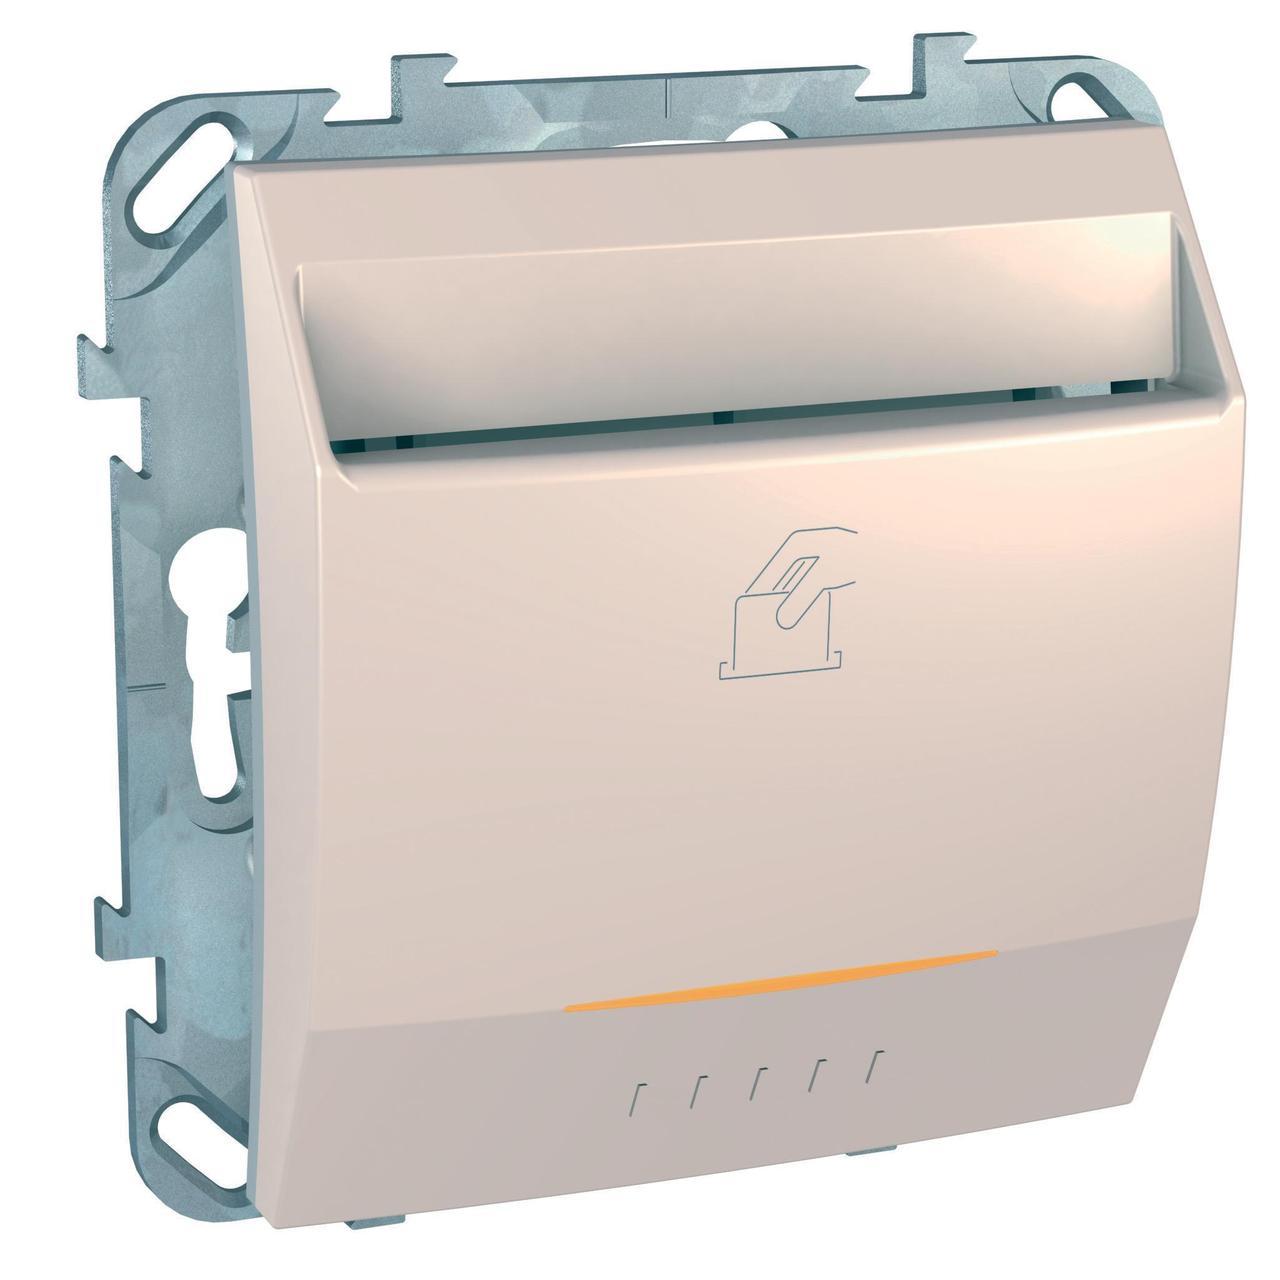 Выключатель карточный для гостиниц , Бежевый, серия Unica, Schneider Electric